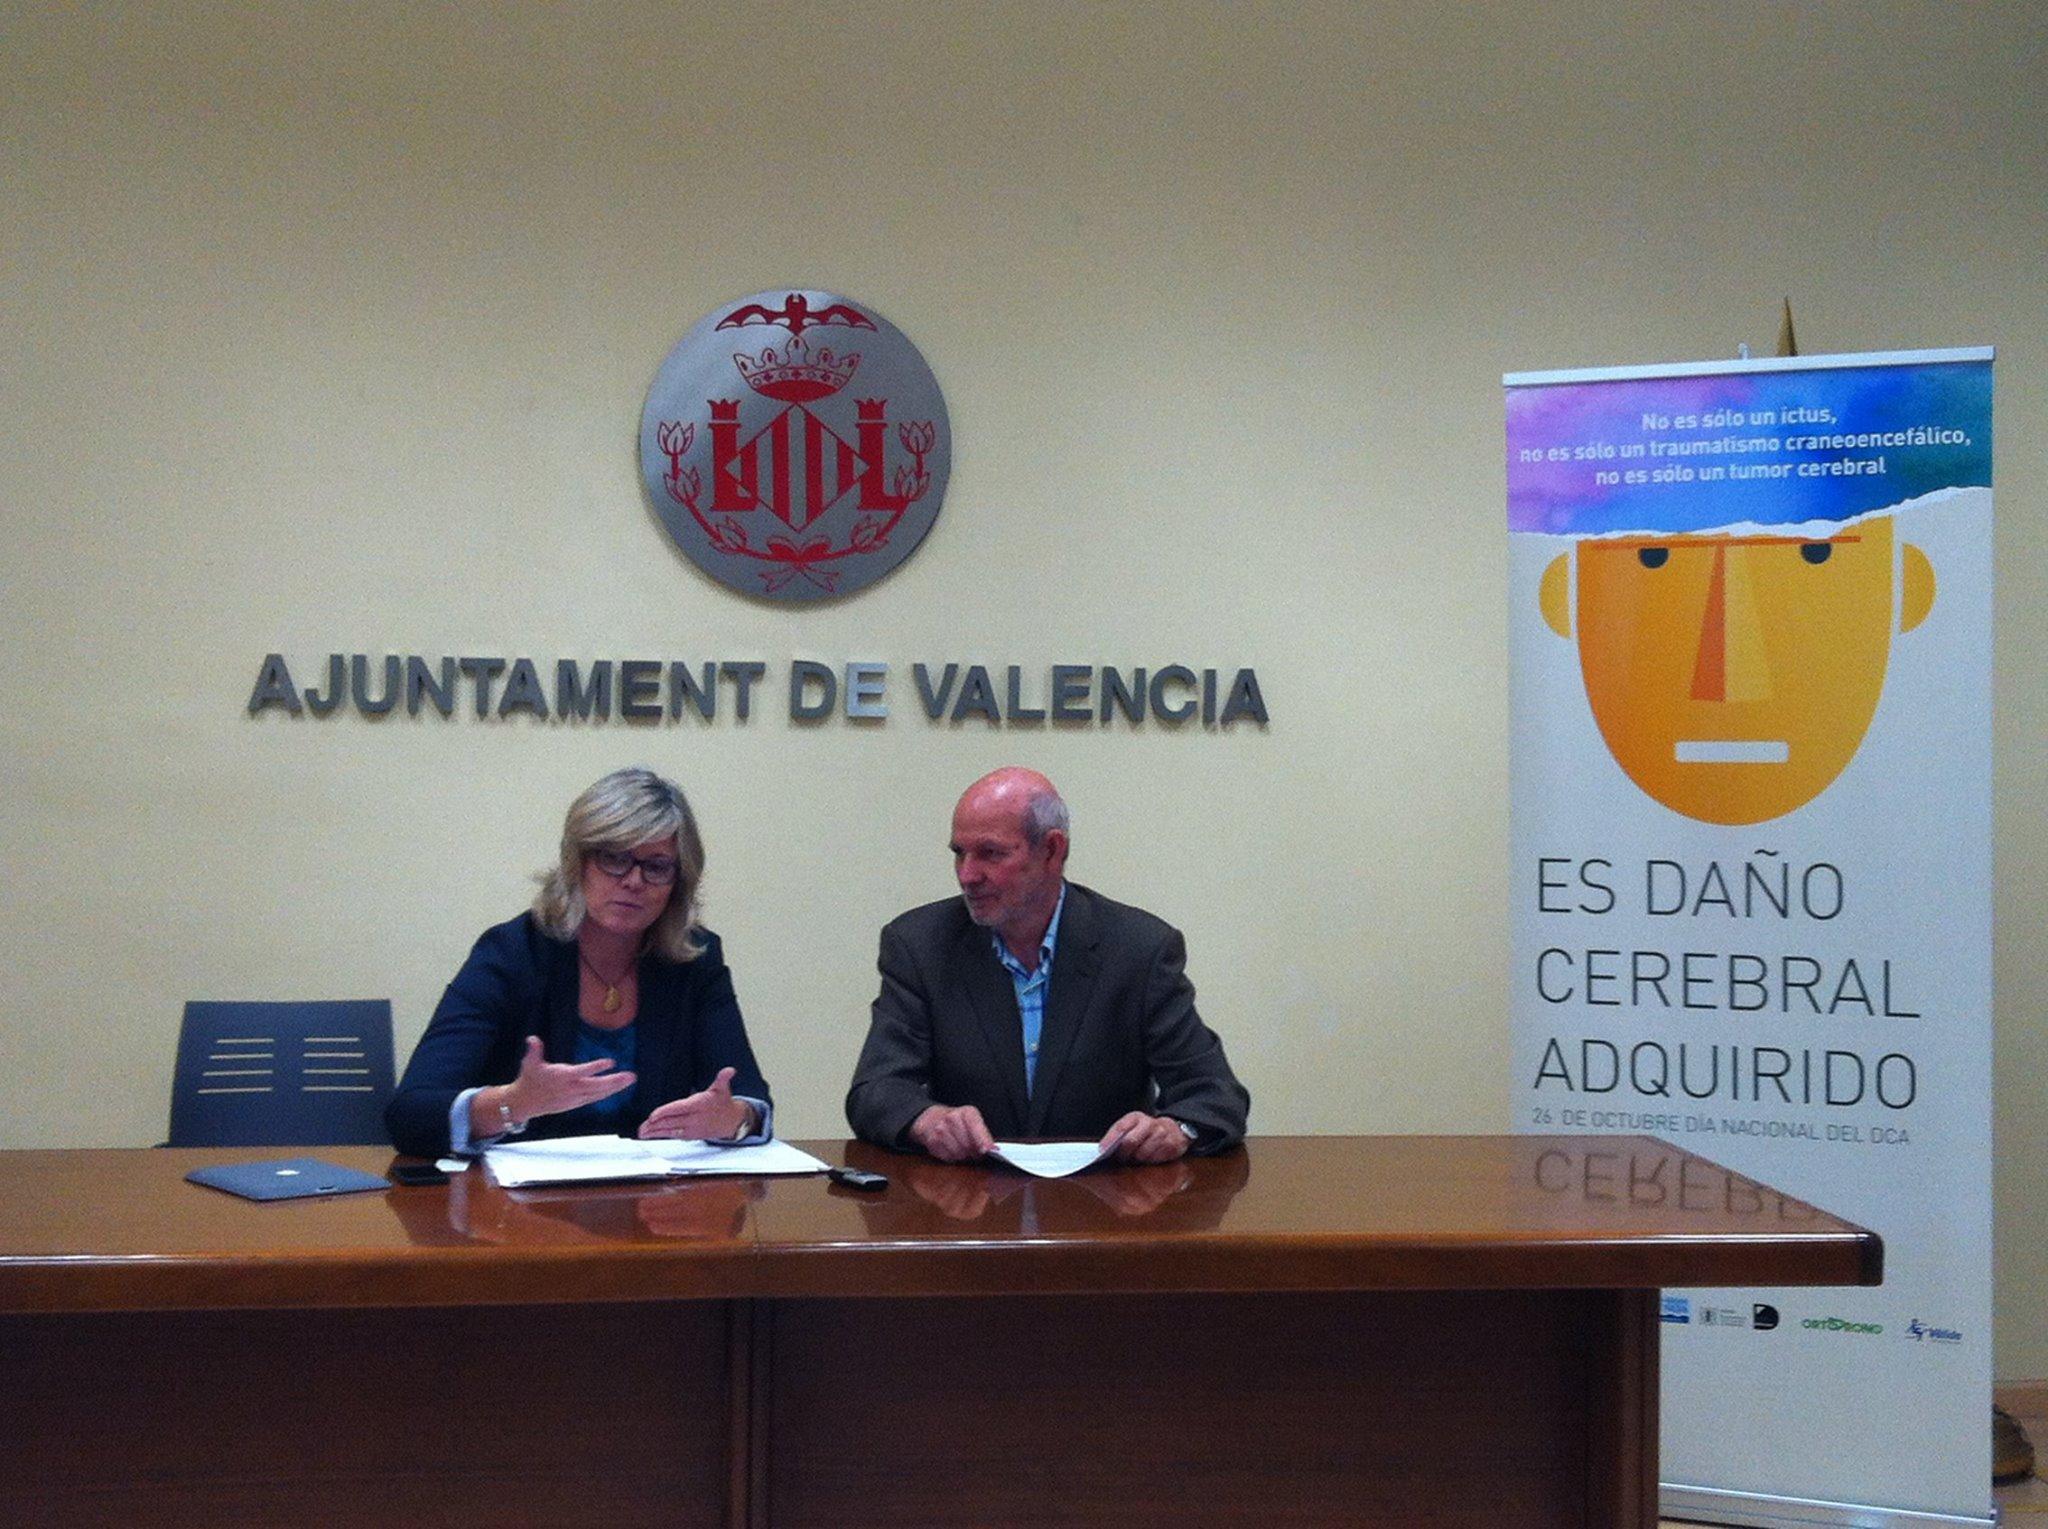 Ana Albert,  Concejala de Bienestar Social e Integración, y Pablo Álvarez, Presidente de Nueva Opción, durante la presentación del programa de actos.